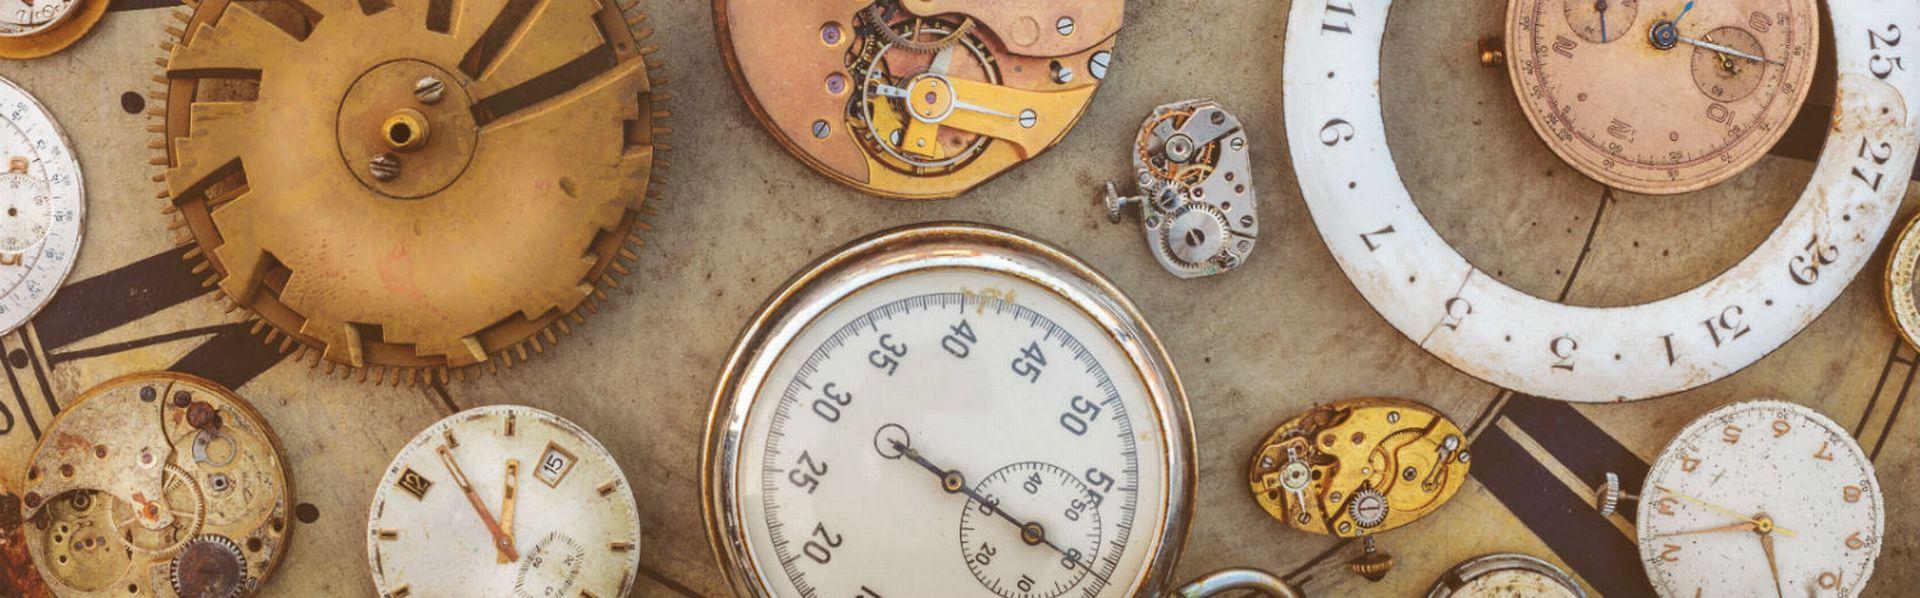 Le dossier sur le chronomètre de RTS Découverte. [© DutchScenery - Fotolia]